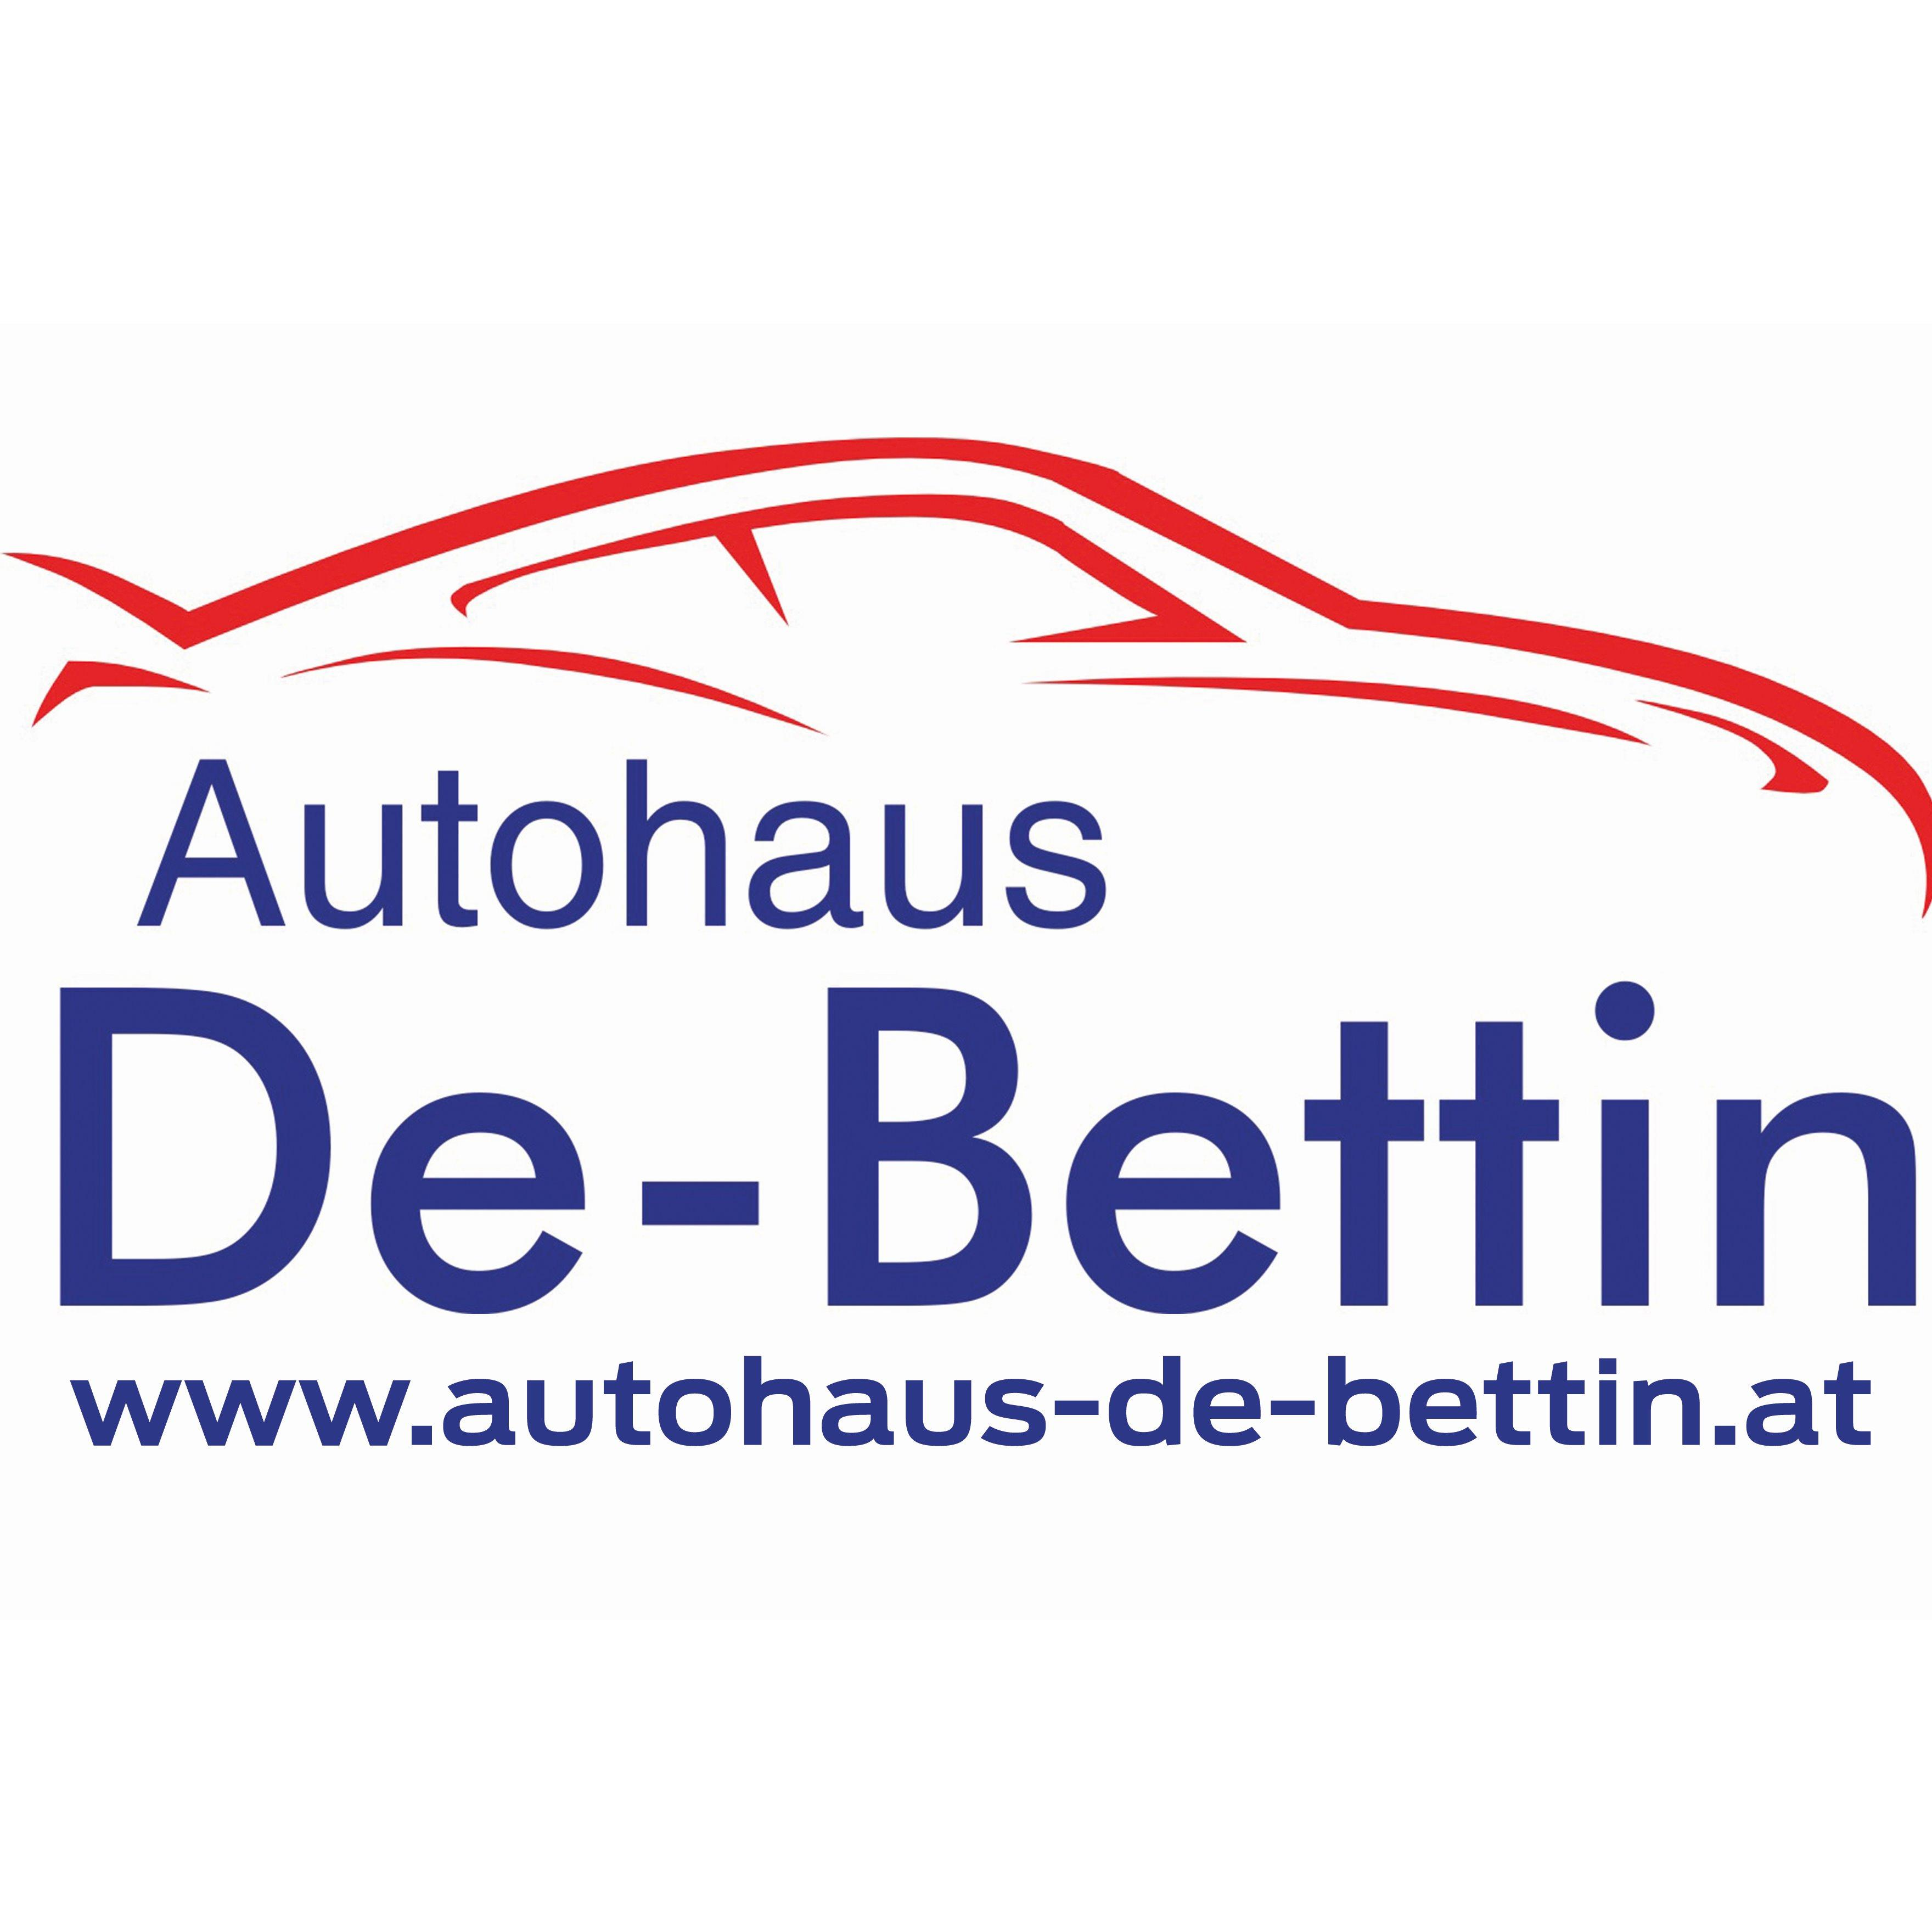 Autohaus De-Bettin GesmbH & Co KG Logo